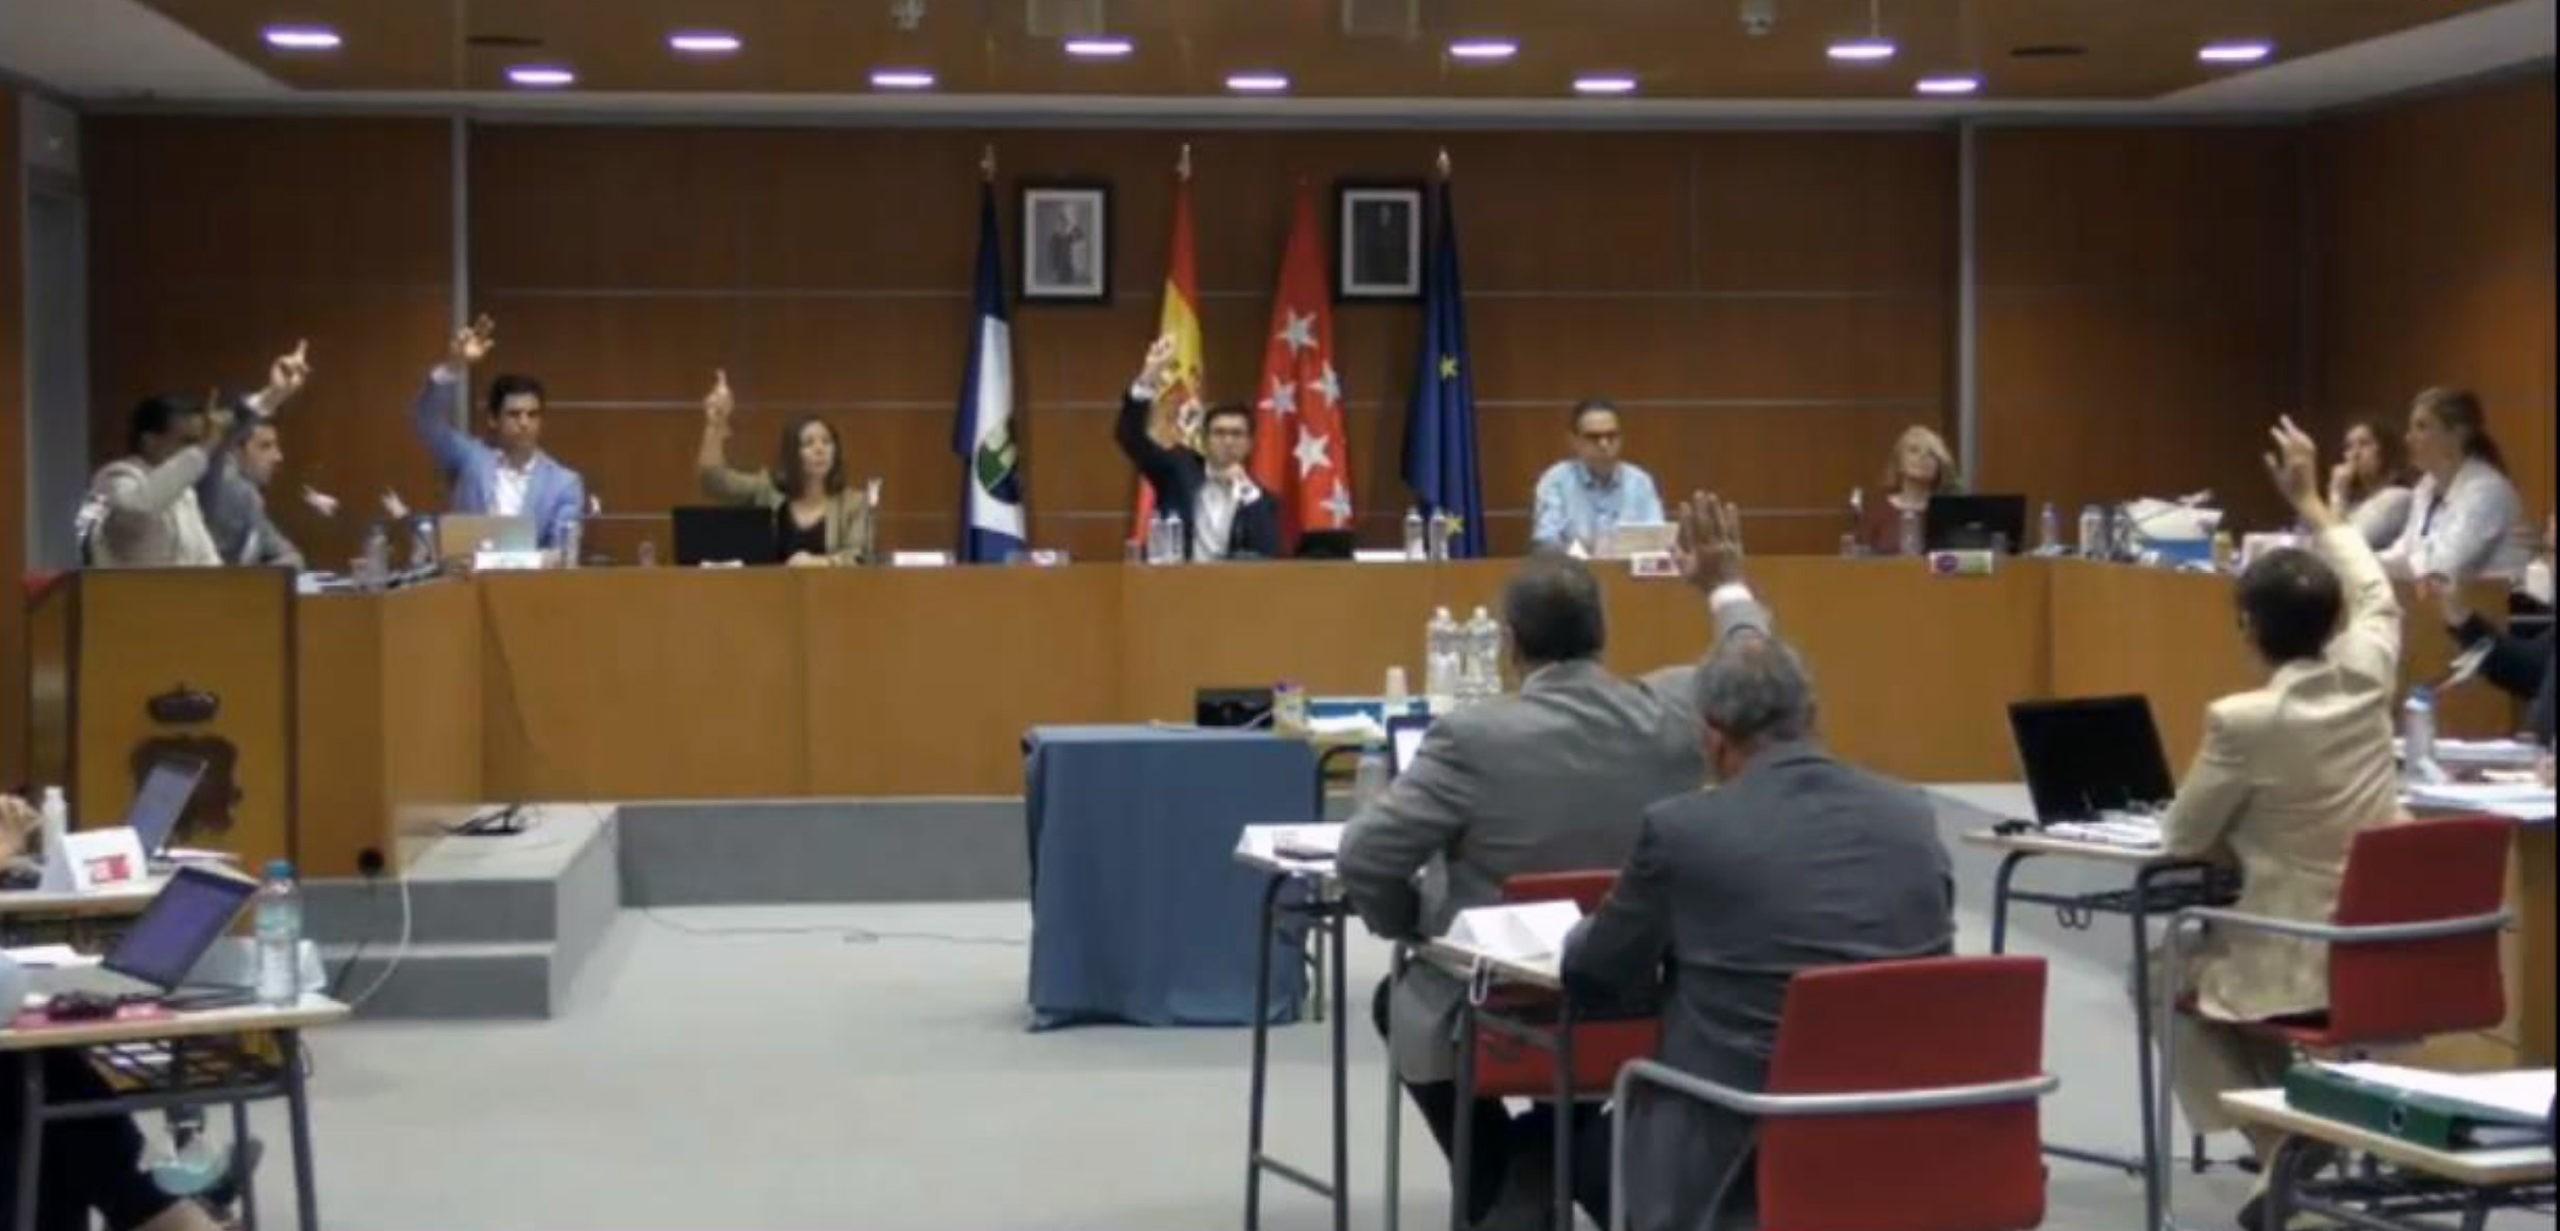 Valdemorillo aprueba el presupuesto municipal para 2020 que garantiza las ayudas sociales y económicas derivadas del COVID-19 y las inversiones que el municipio necesita